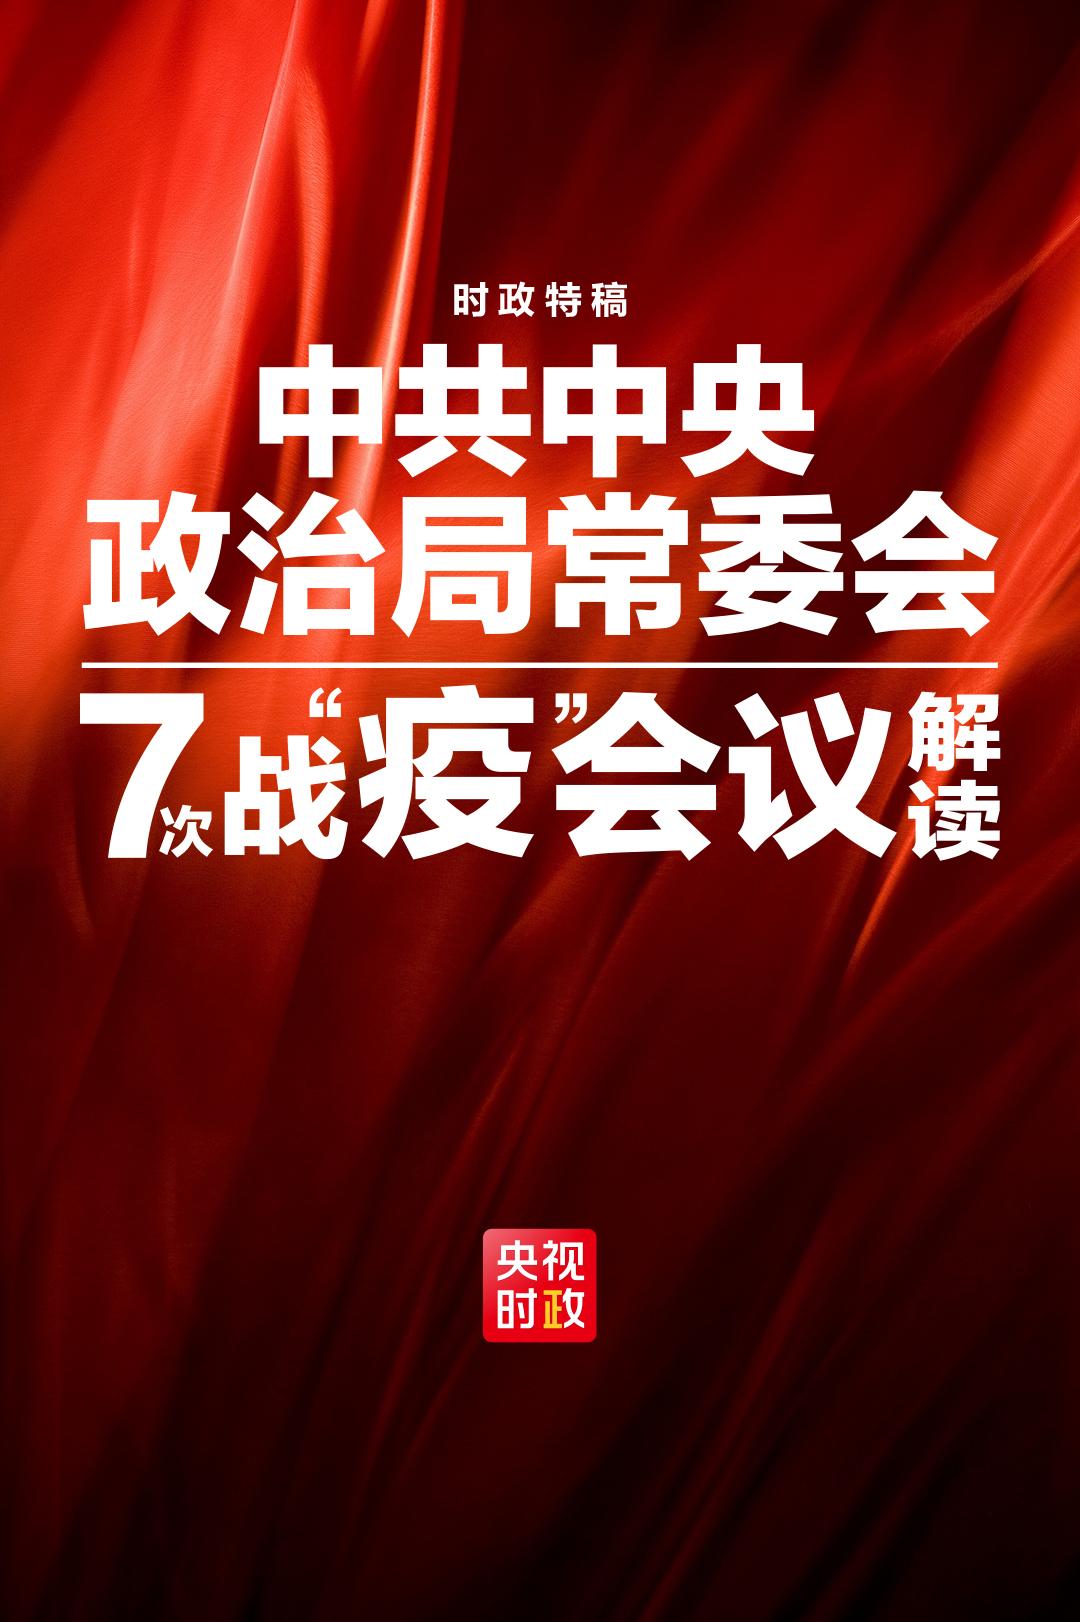 时政特稿丨54天7次中央政治局常委会会议,读懂中国疫情防控阻击战